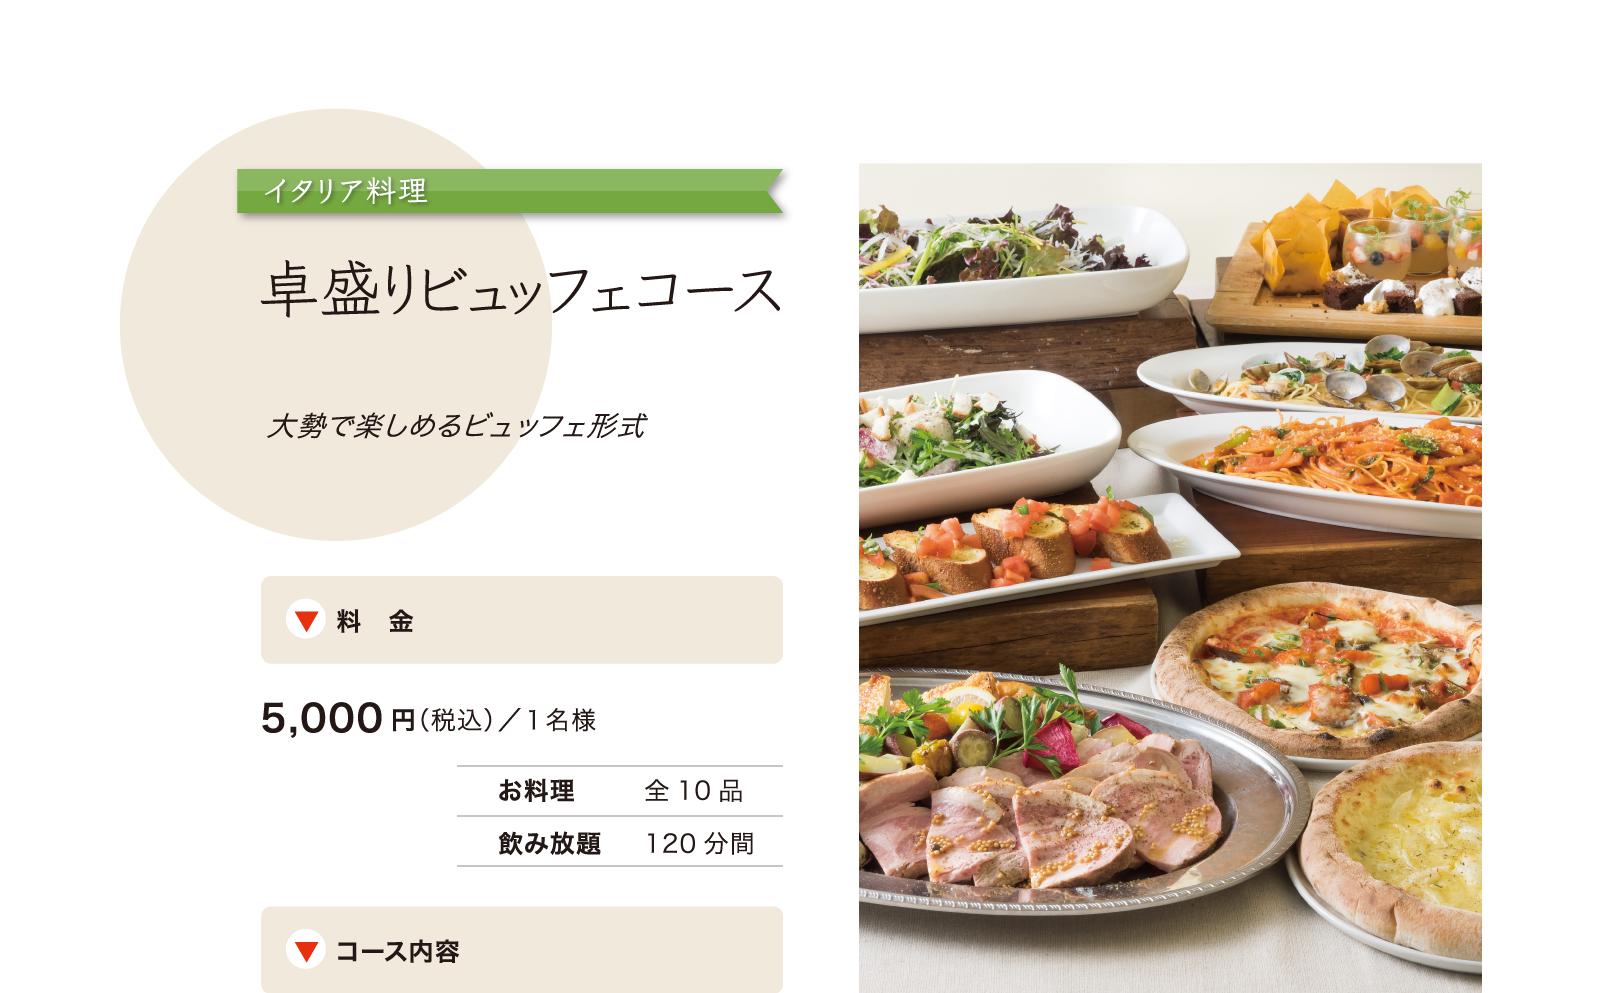 卓盛りビュッフェコース/お一人様あたり5000円(税込)